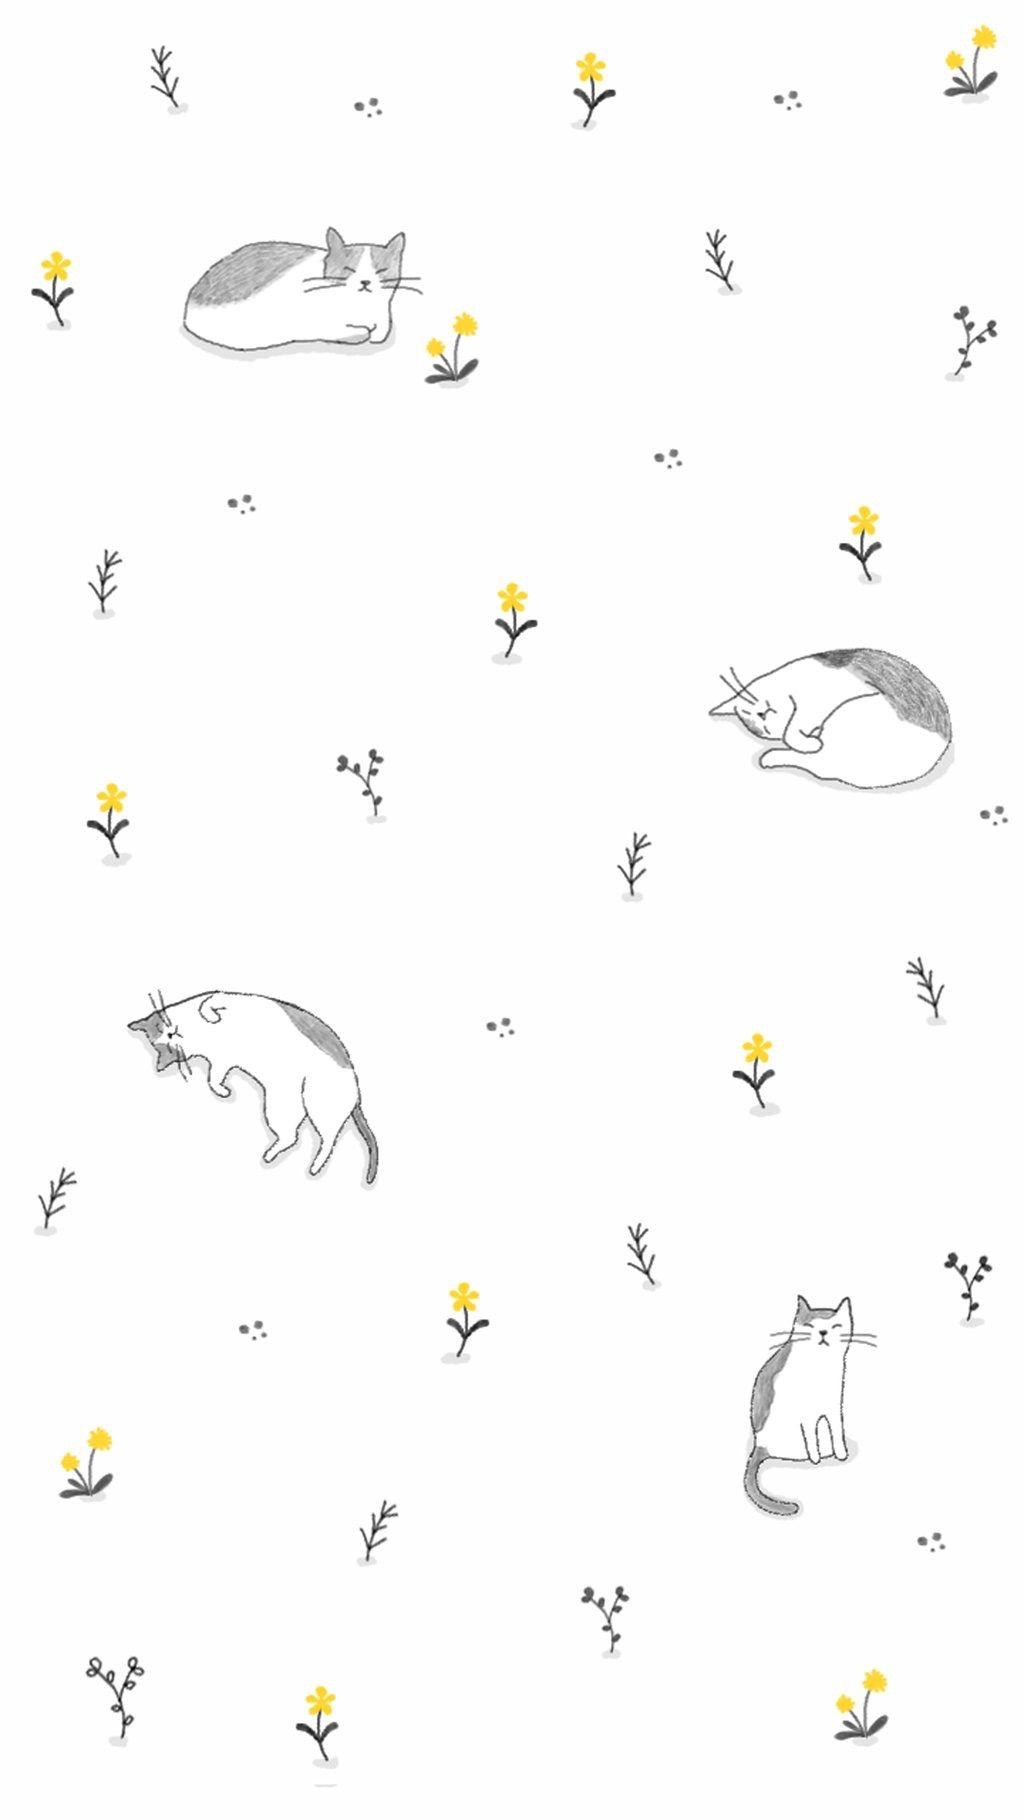 Pin By Manatsanan Thongma On Wallphone Cat Wallpaper Homescreen Wallpaper Cute Wallpaper Backgrounds